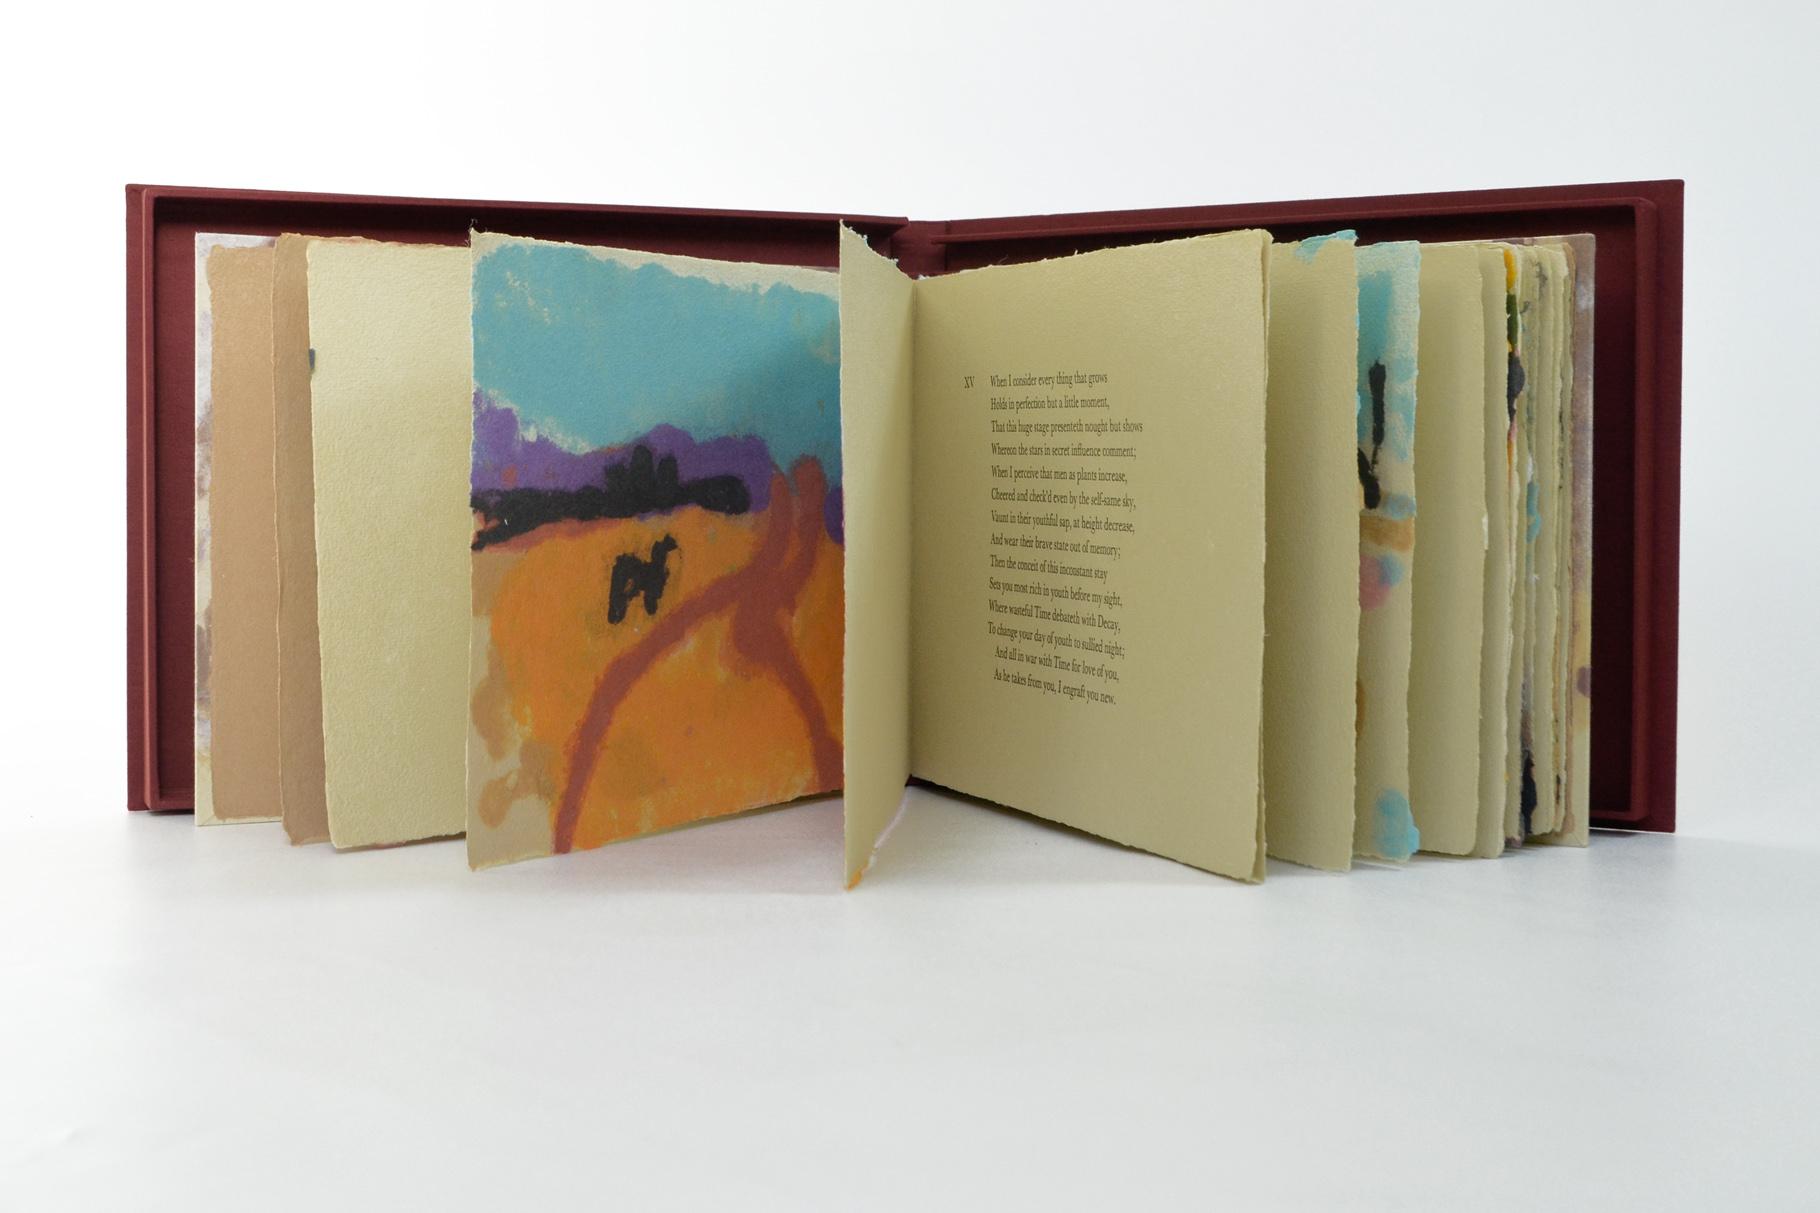 """""""Colours of the Spirit"""" (2000) - Ein Künstlerbuch mit Papiergüssen von Prof. Mary Beth Schmidt Fogarty und 16 Sonetten von William Shakespeare, hergestellt in Zusammenarbeit mit John Gerard"""